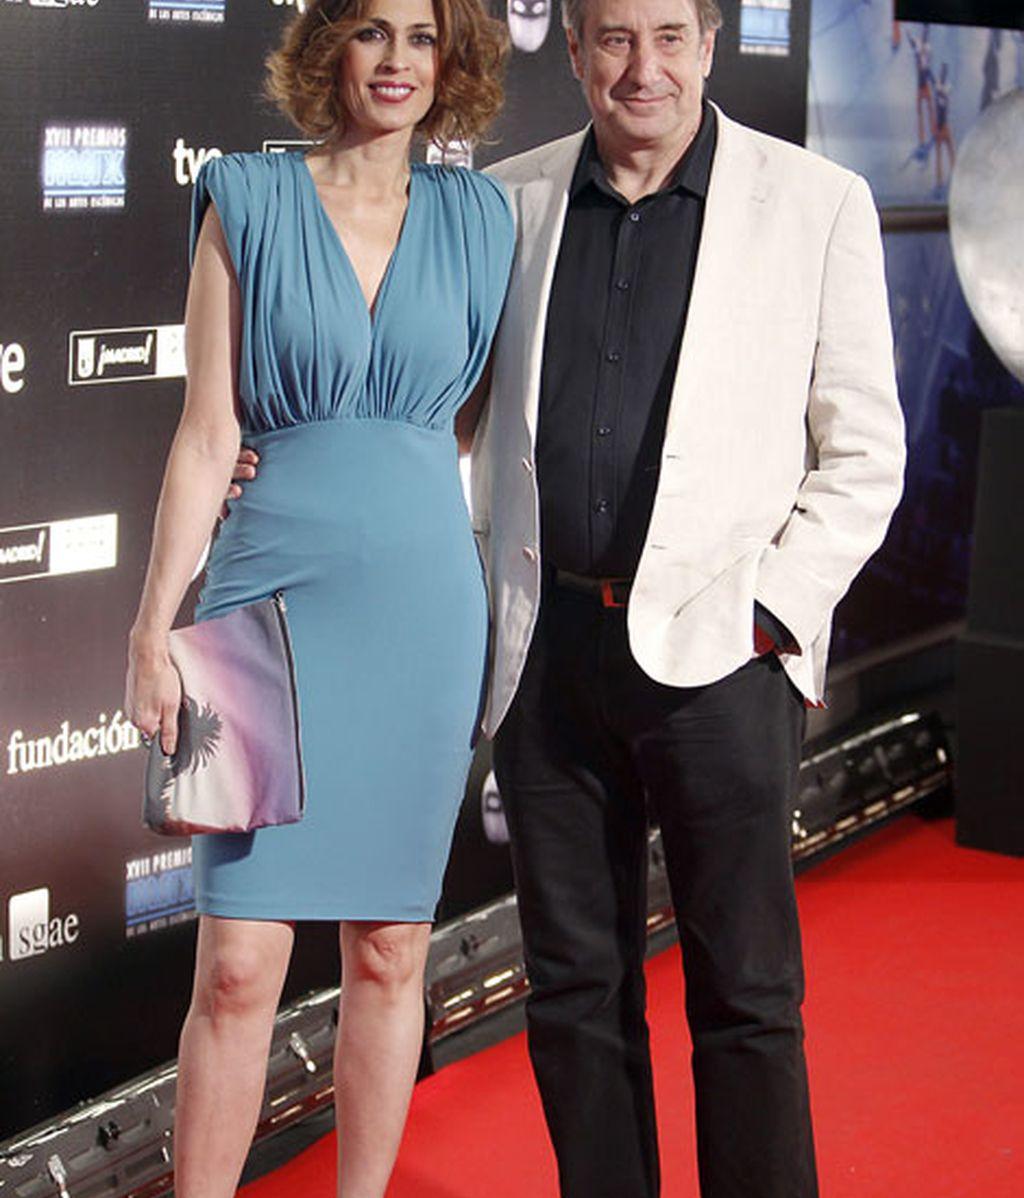 La pareja de actores Juanjo Puigcorbe y Lola Marceli